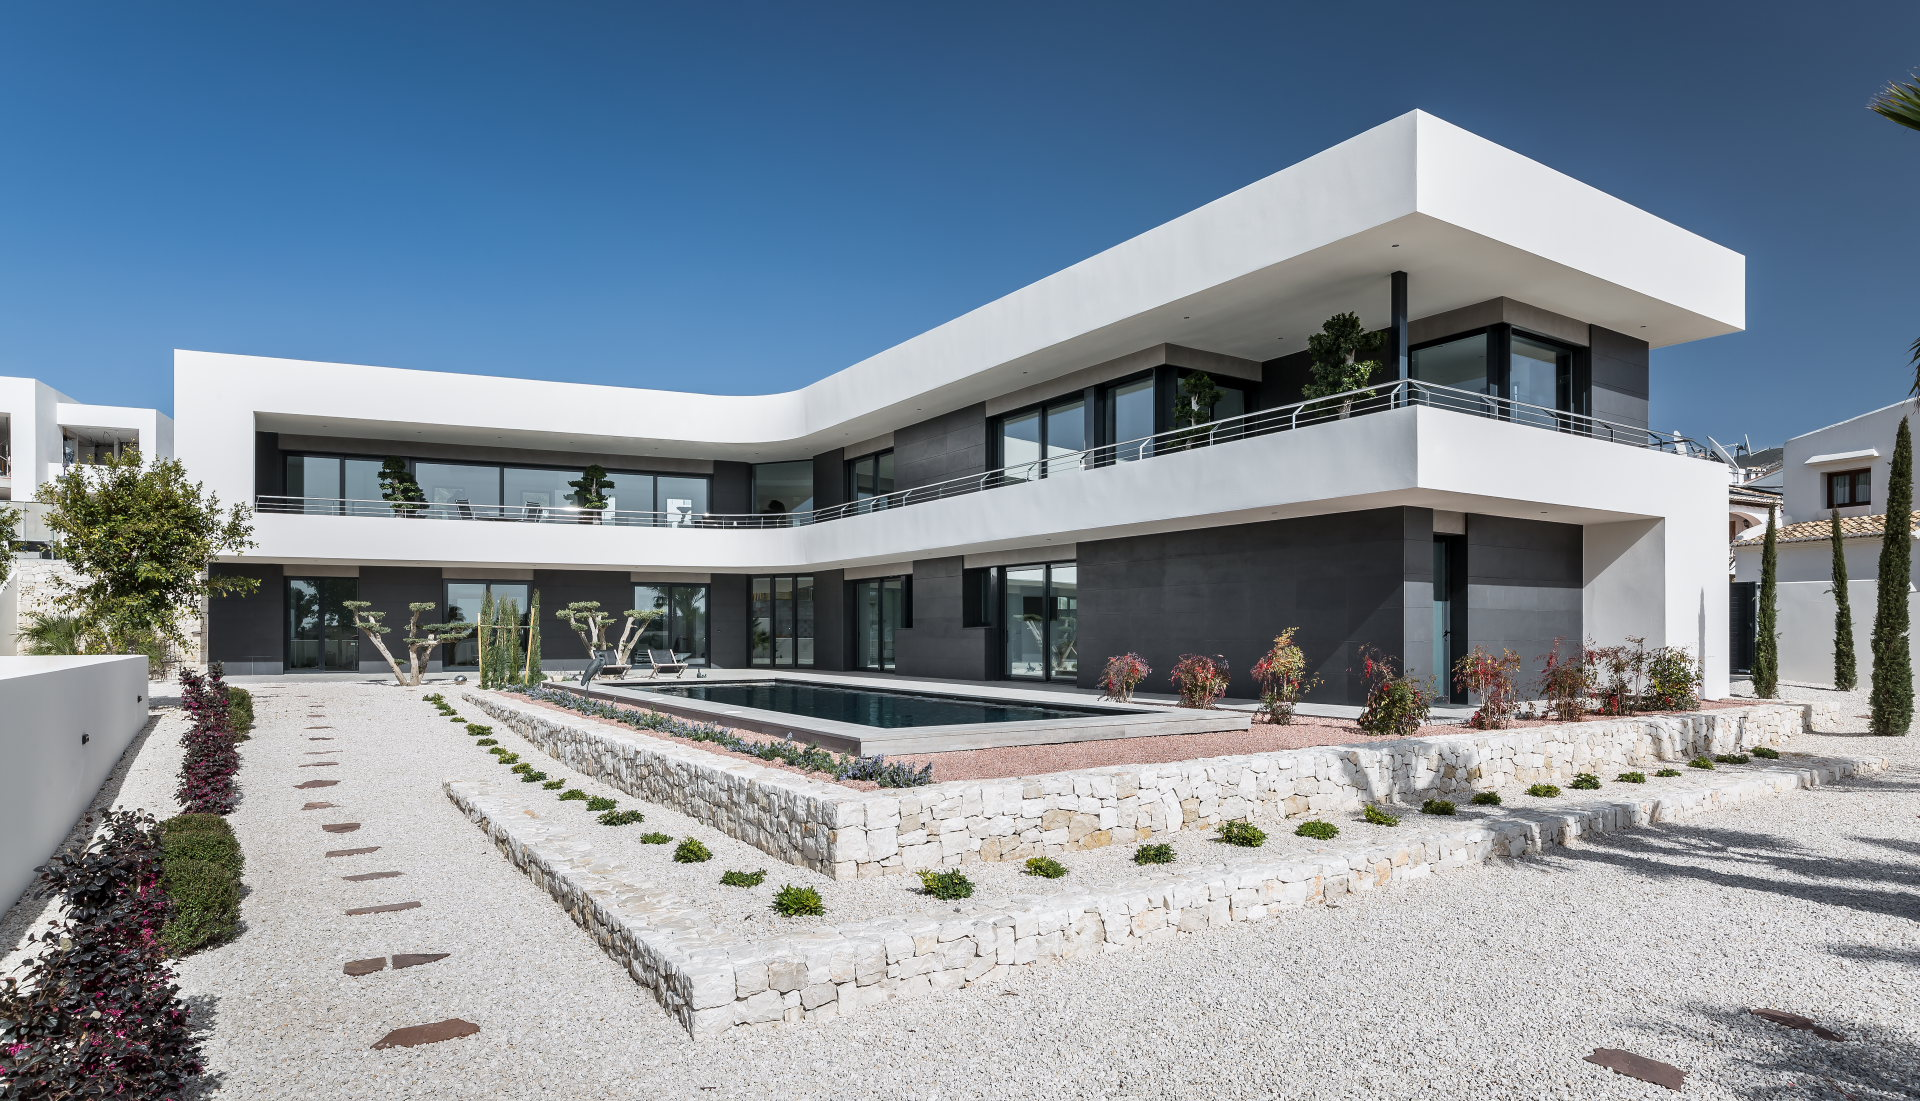 fotografia-arquitectura-valencia-alicante-moraira-german-cabo-pascual-giner (4)